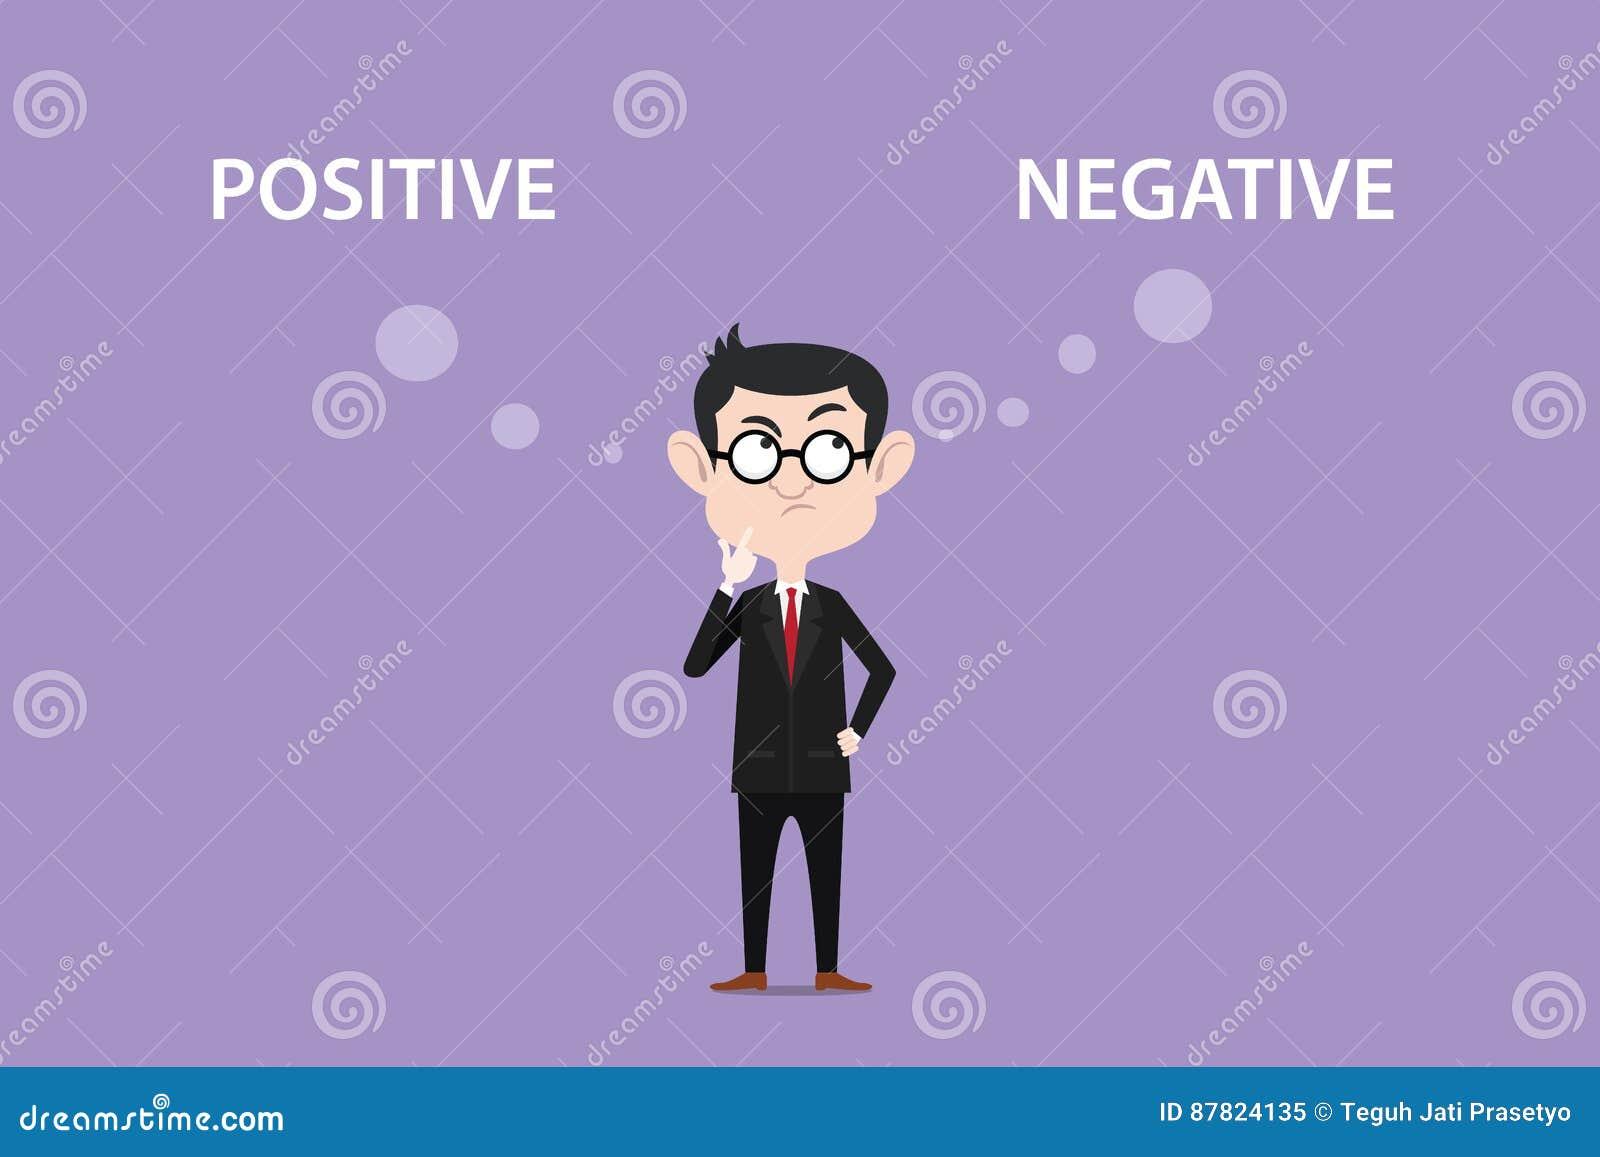 Verwar over positieve negatieve gevolgenillustratie met een mens die zwart kostuum en oogglas dragen en witte teksten bovenop